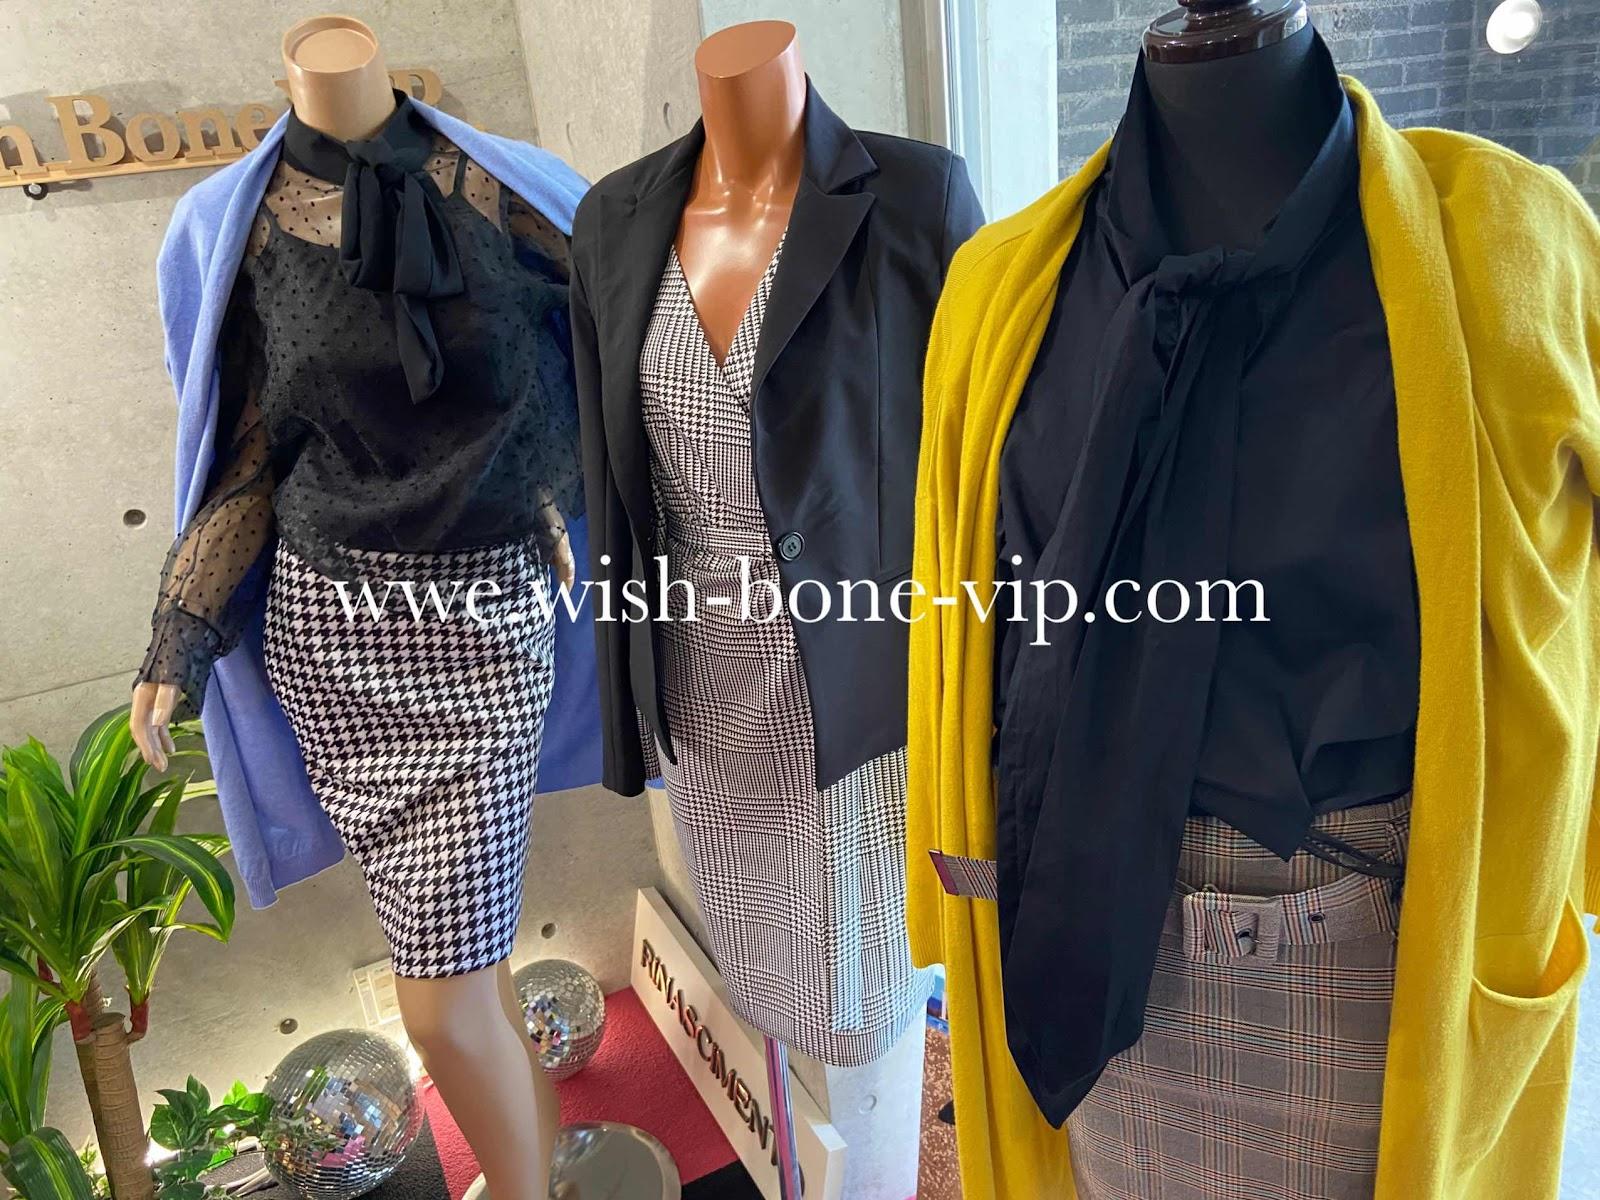 ukフリルブラウス,シースルーシャツとタイトスカートのコーデ